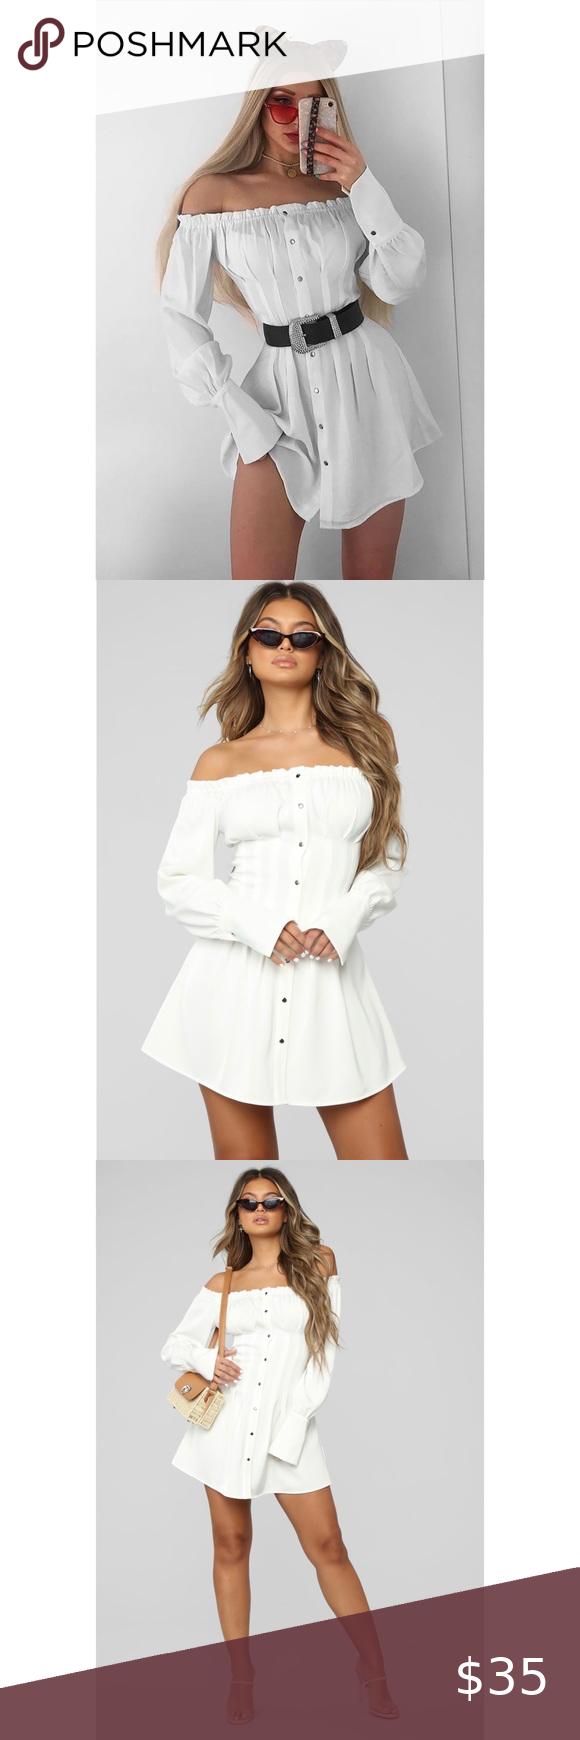 Off-shoulder Dress Off-shoulder Dress Gently used